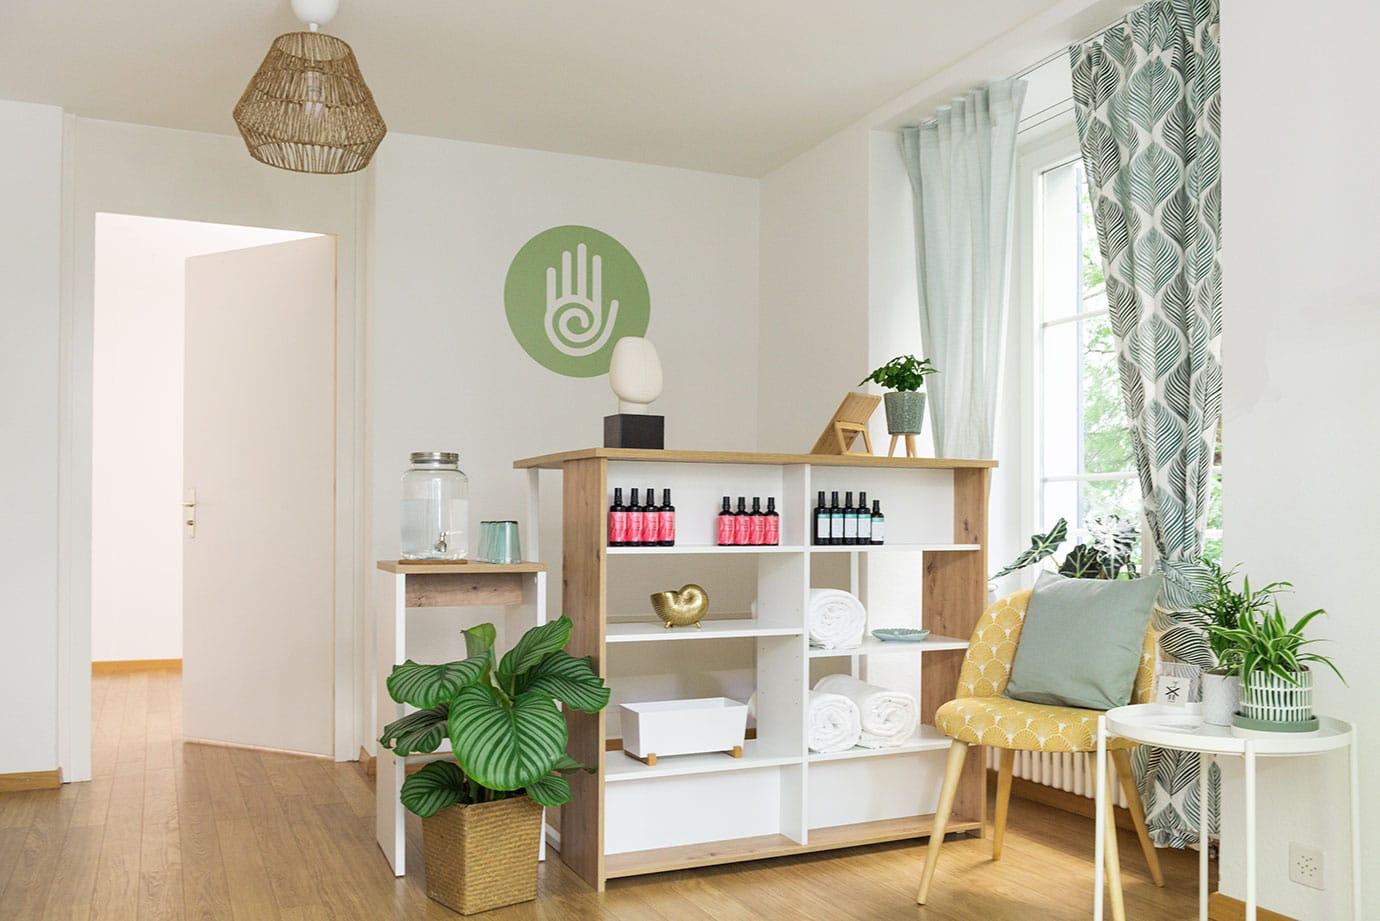 hart-wellness-lounge-kreis-6-reception